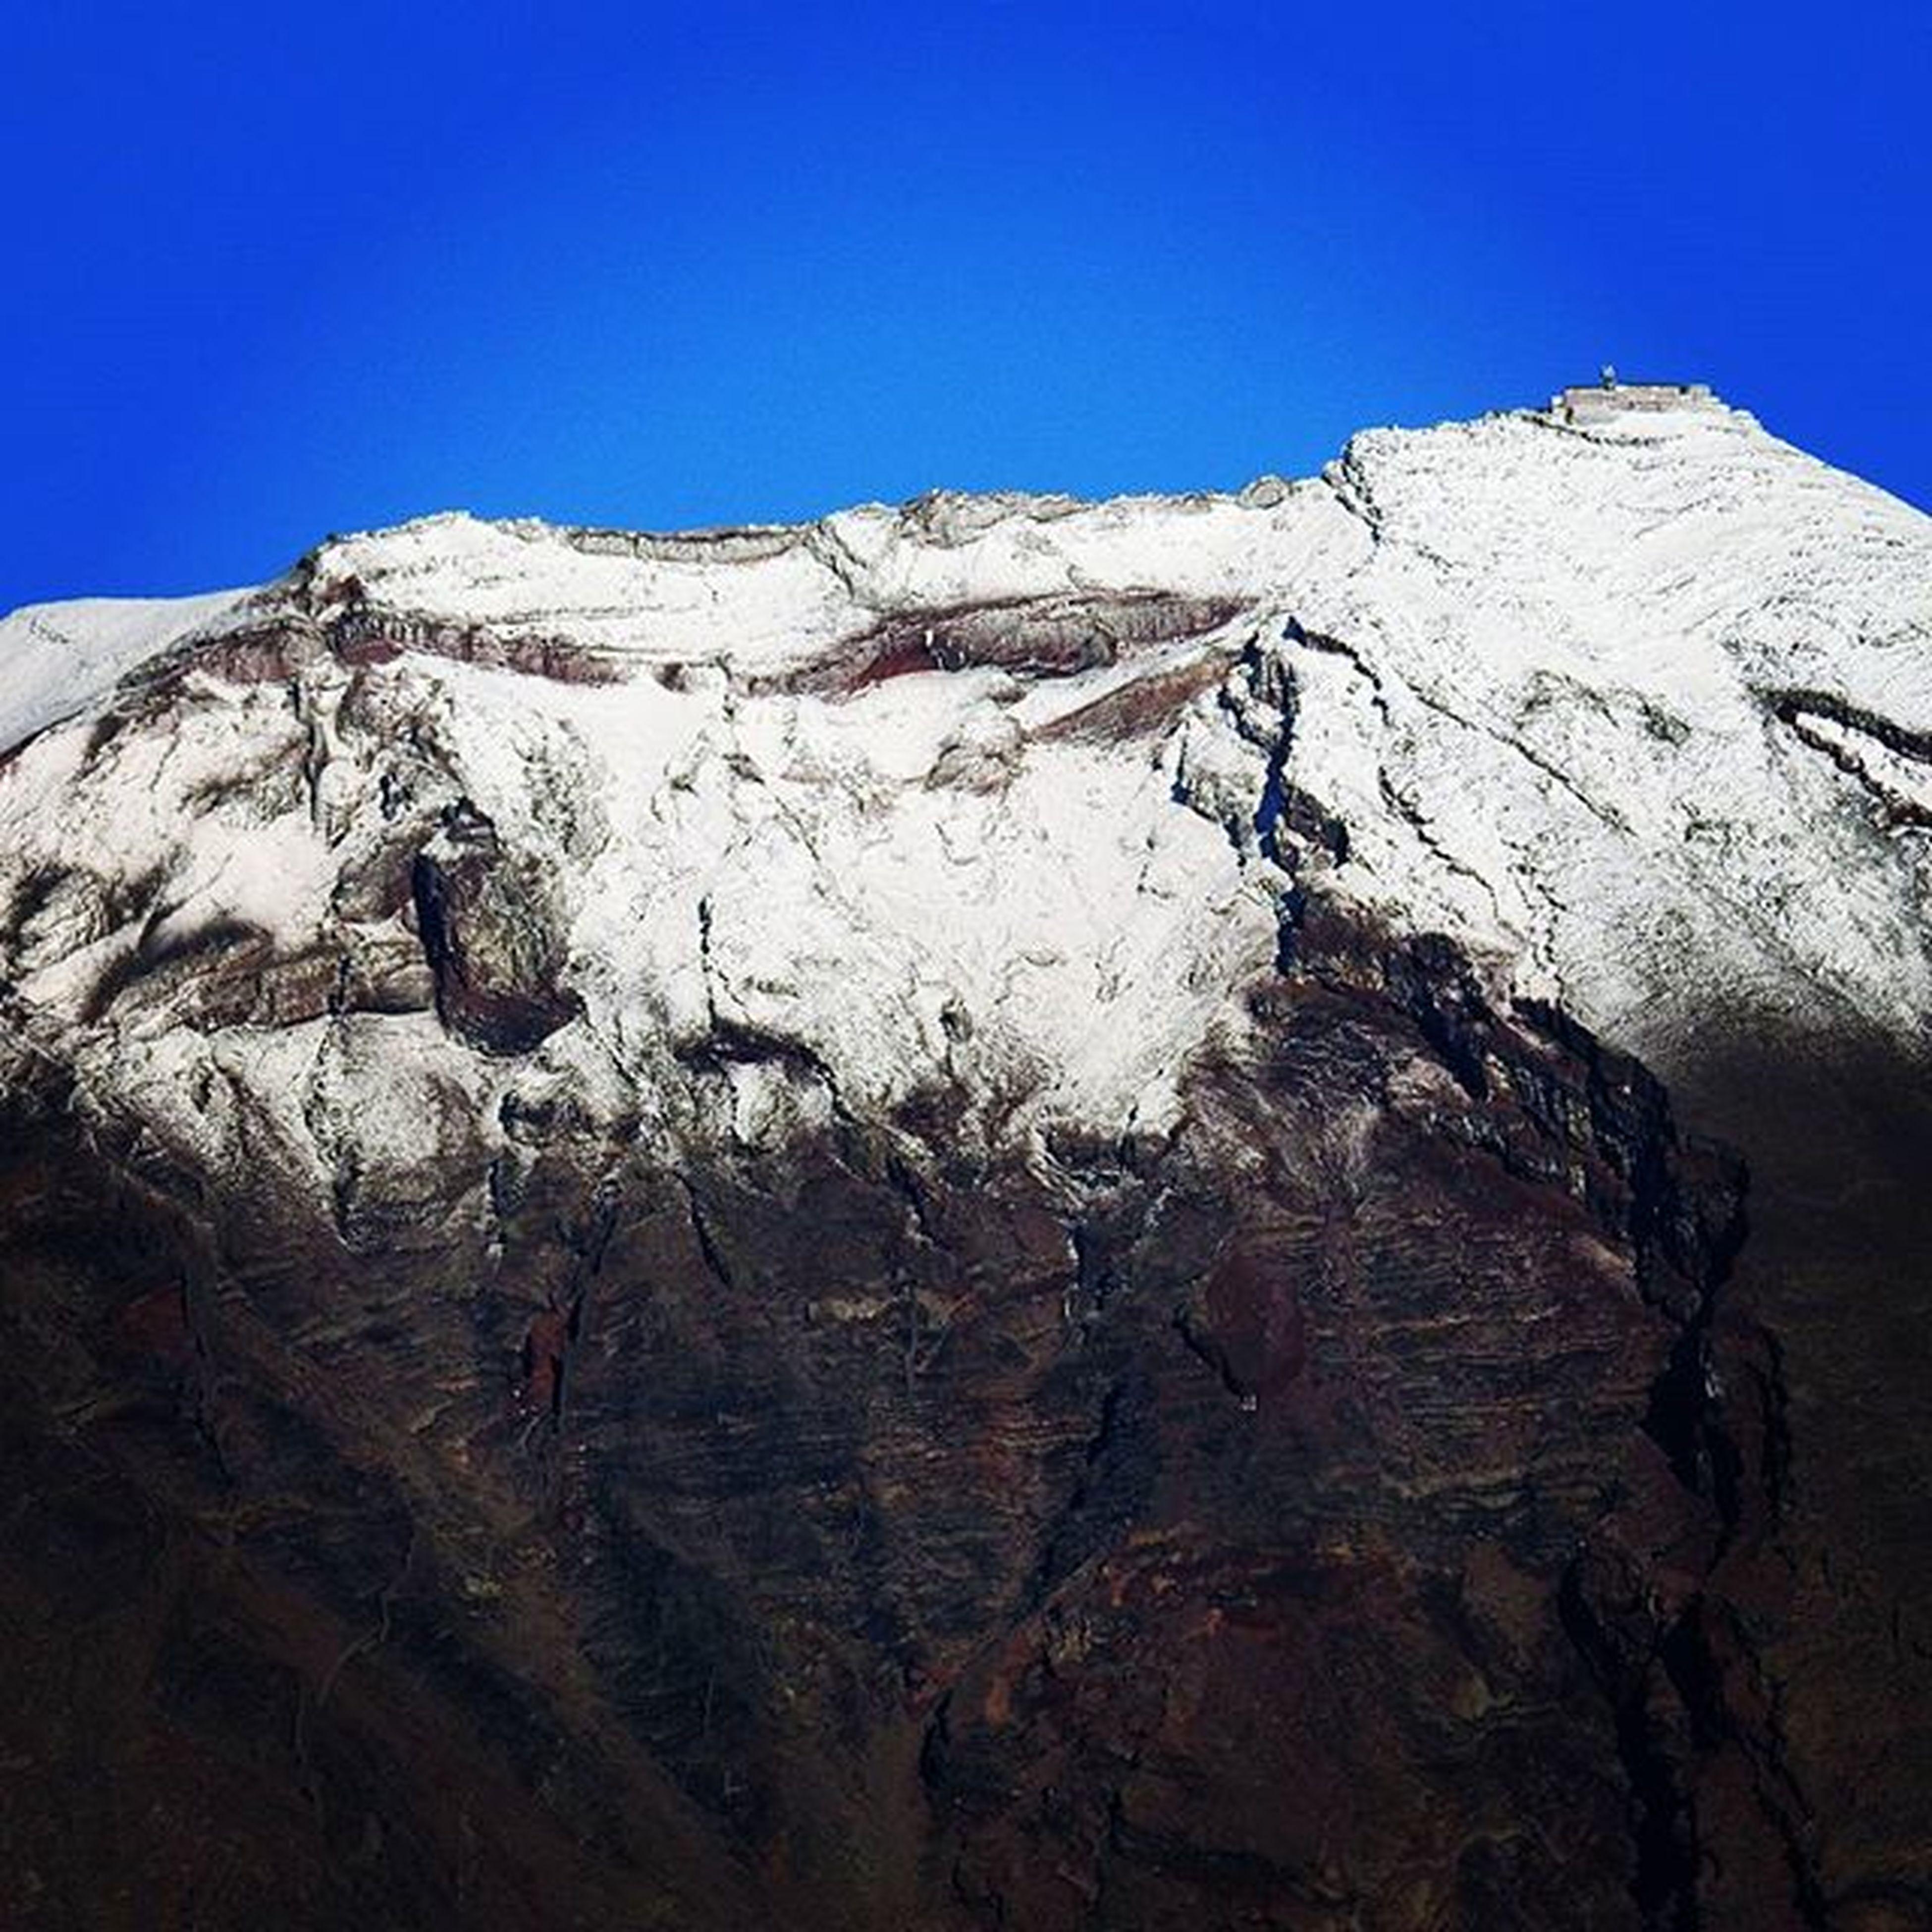 富士山 初冠雪 富士山頂 いでぼく Nikon P900 手撮り 12月12日